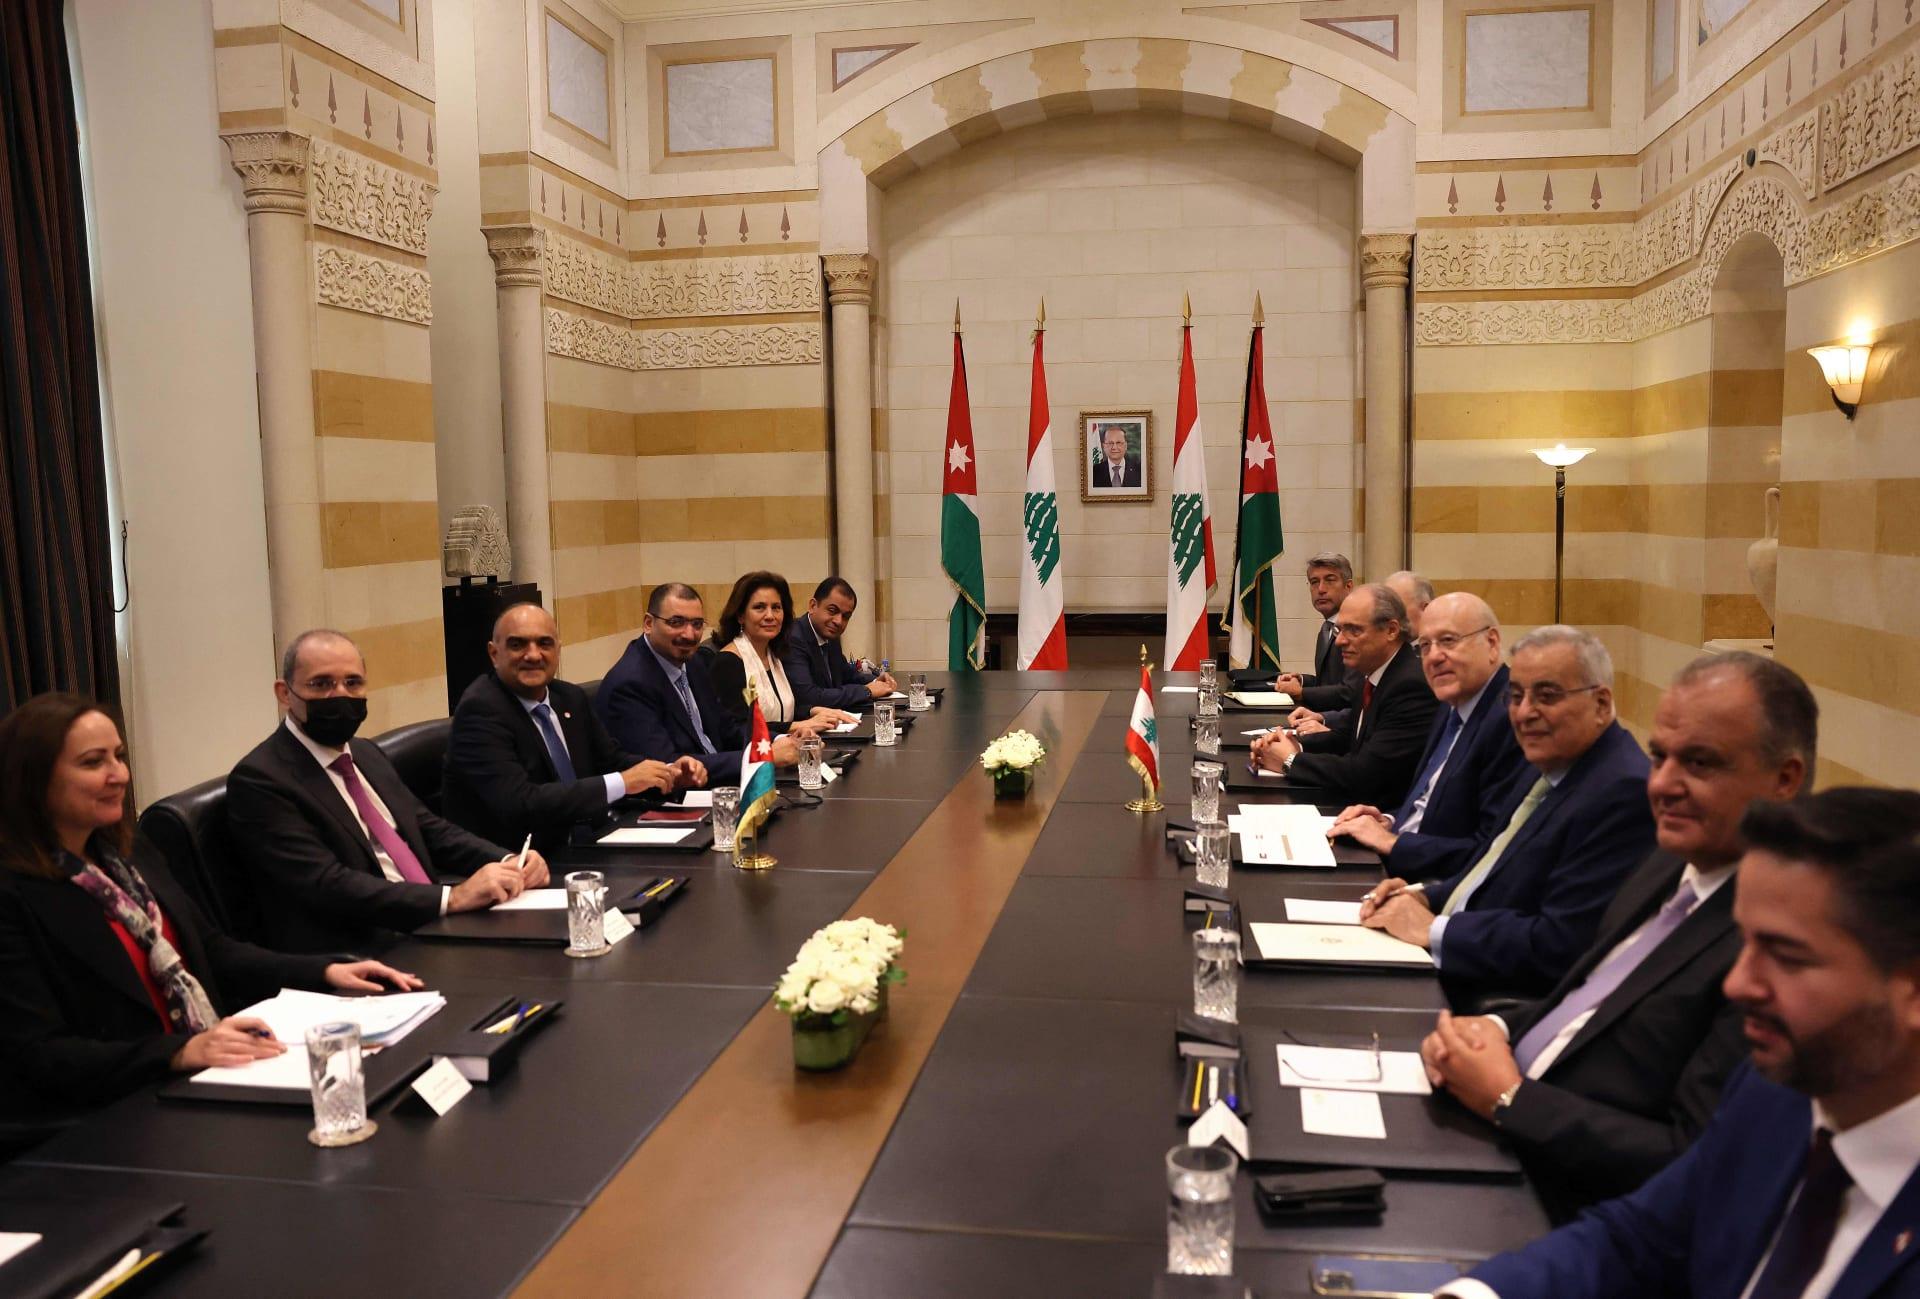 وفد أردني برئاسة رئيس الوزراء بشر الخصاونة (ثاني يسار) يلتقي برئيس الوزراء اللبناني نجيب ميقاتي في السراي الكبير في بيروت - 30 أيلول 2021